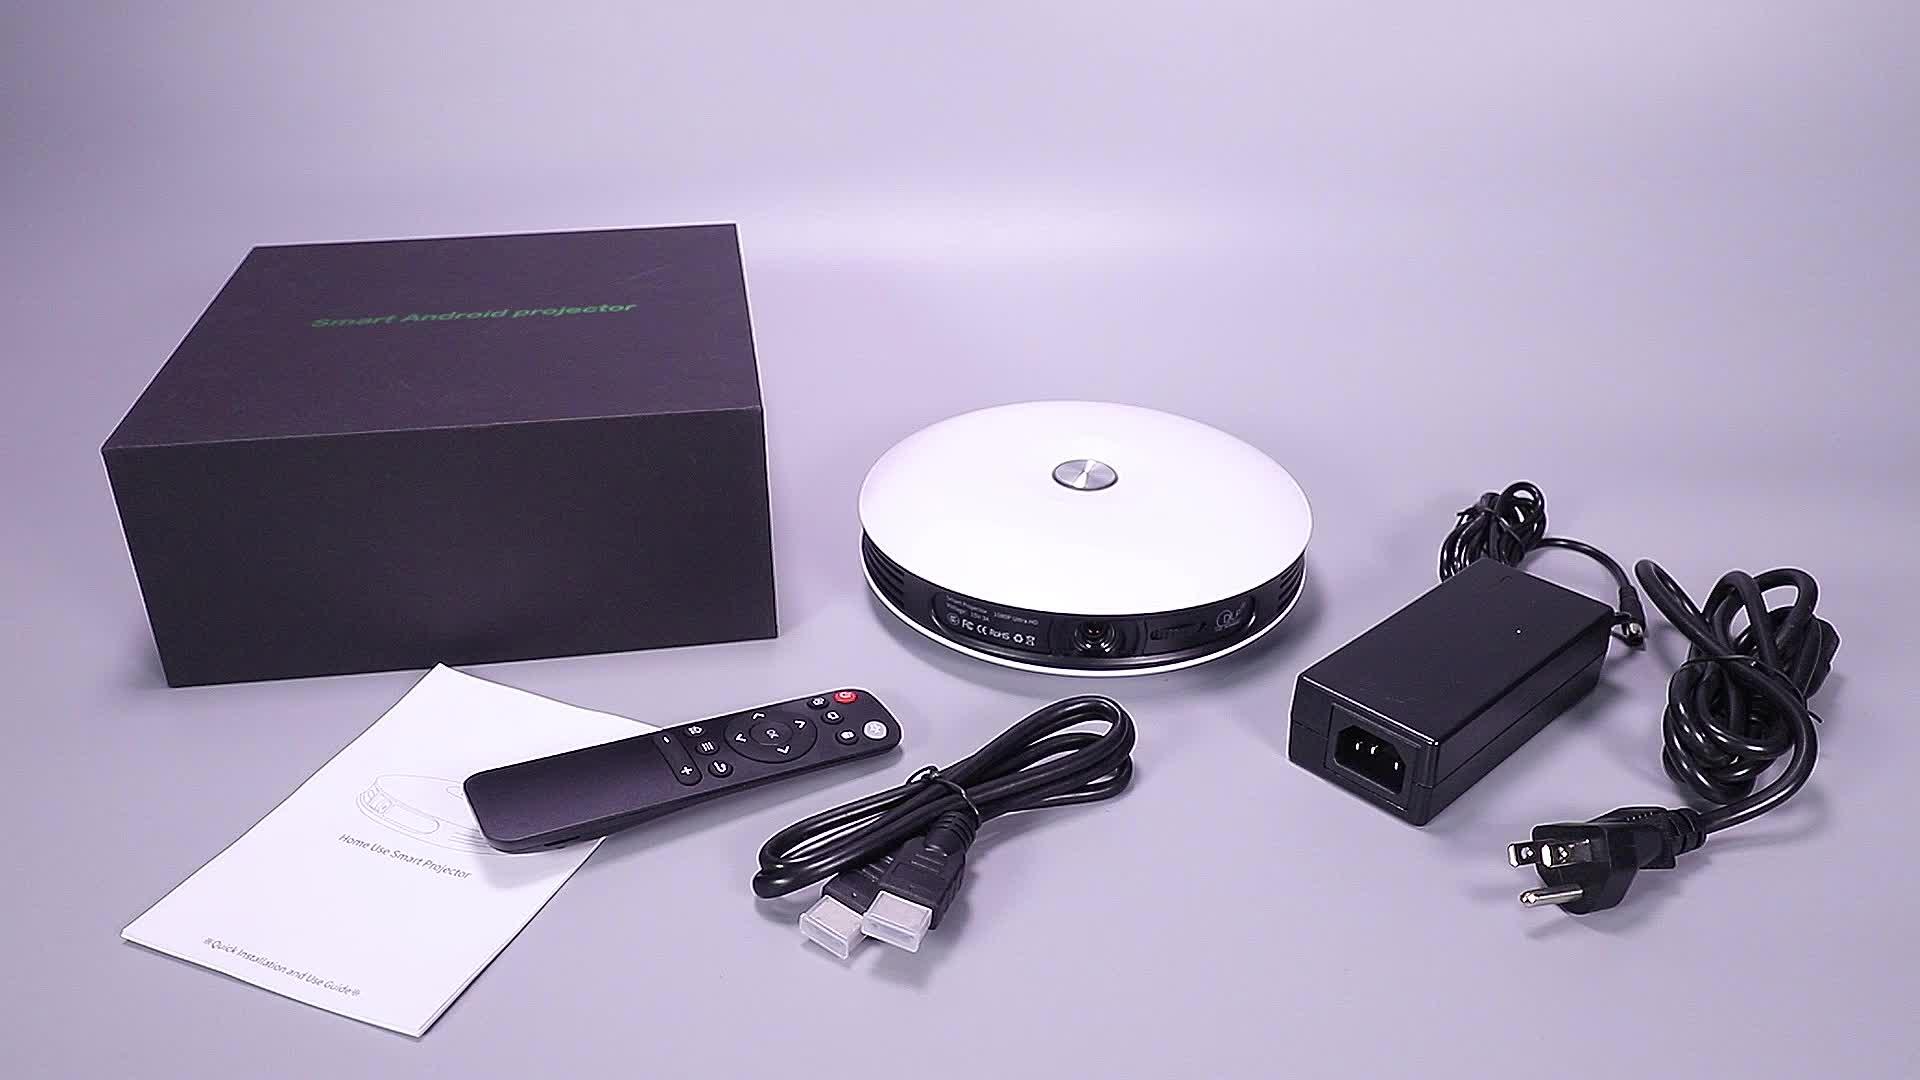 Usb tf card อินพุต TV คอมพิวเตอร์โทรศัพท์มือถือ android โปรเจคเตอร์